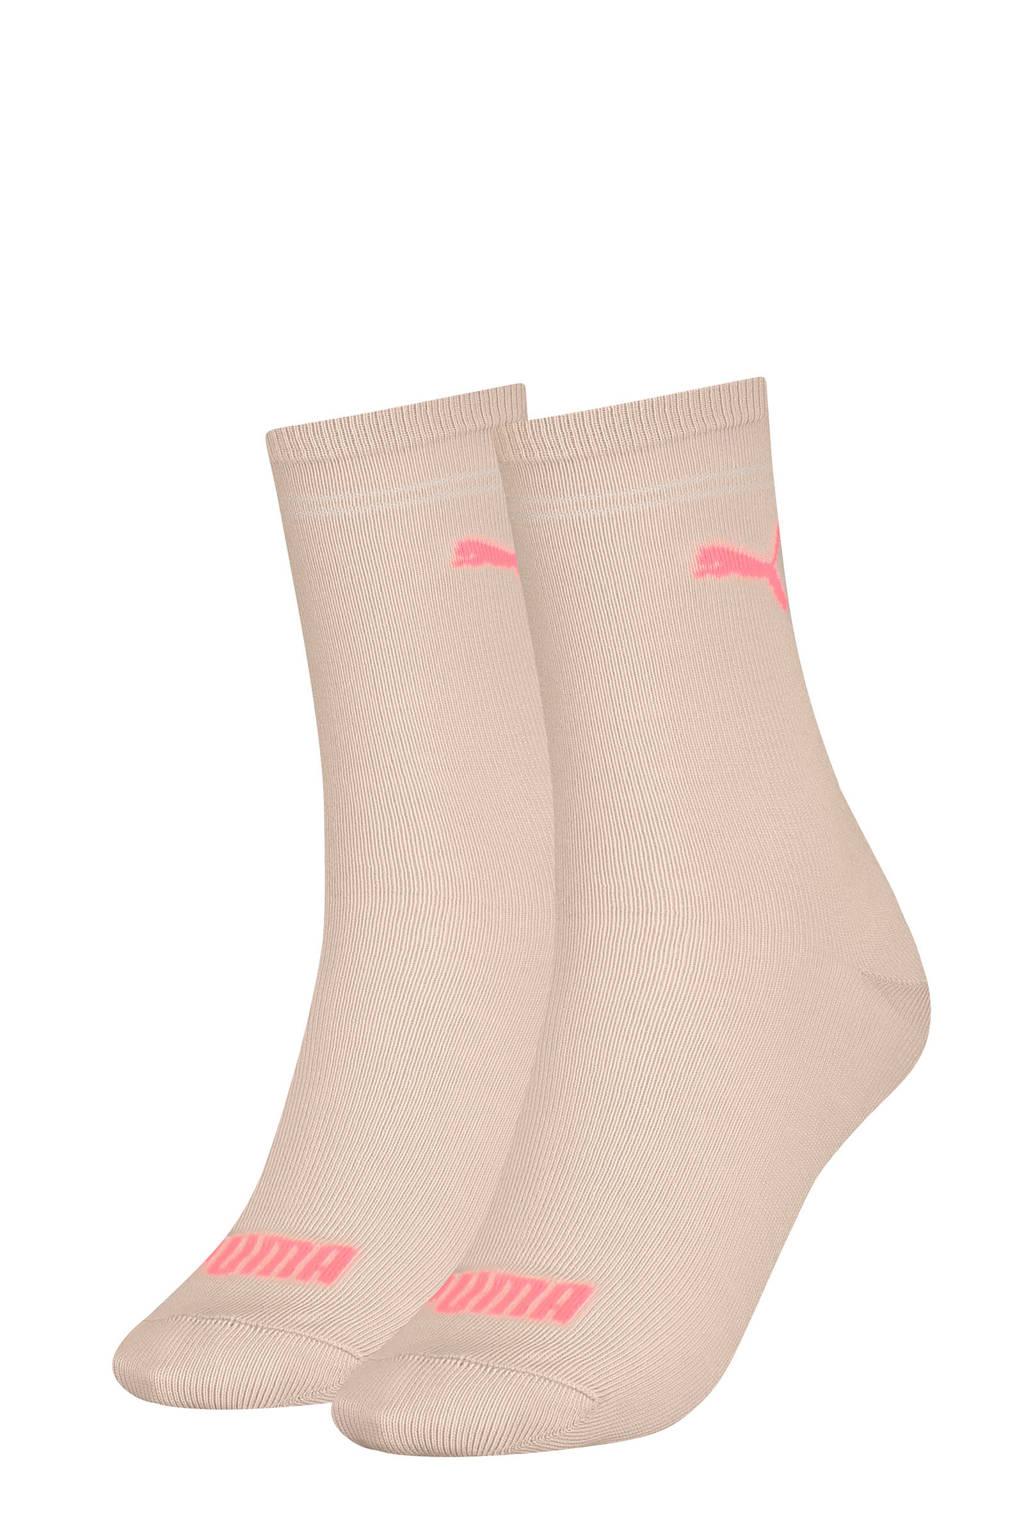 Puma sokken - set van 2 lichtroze, Lichtroze